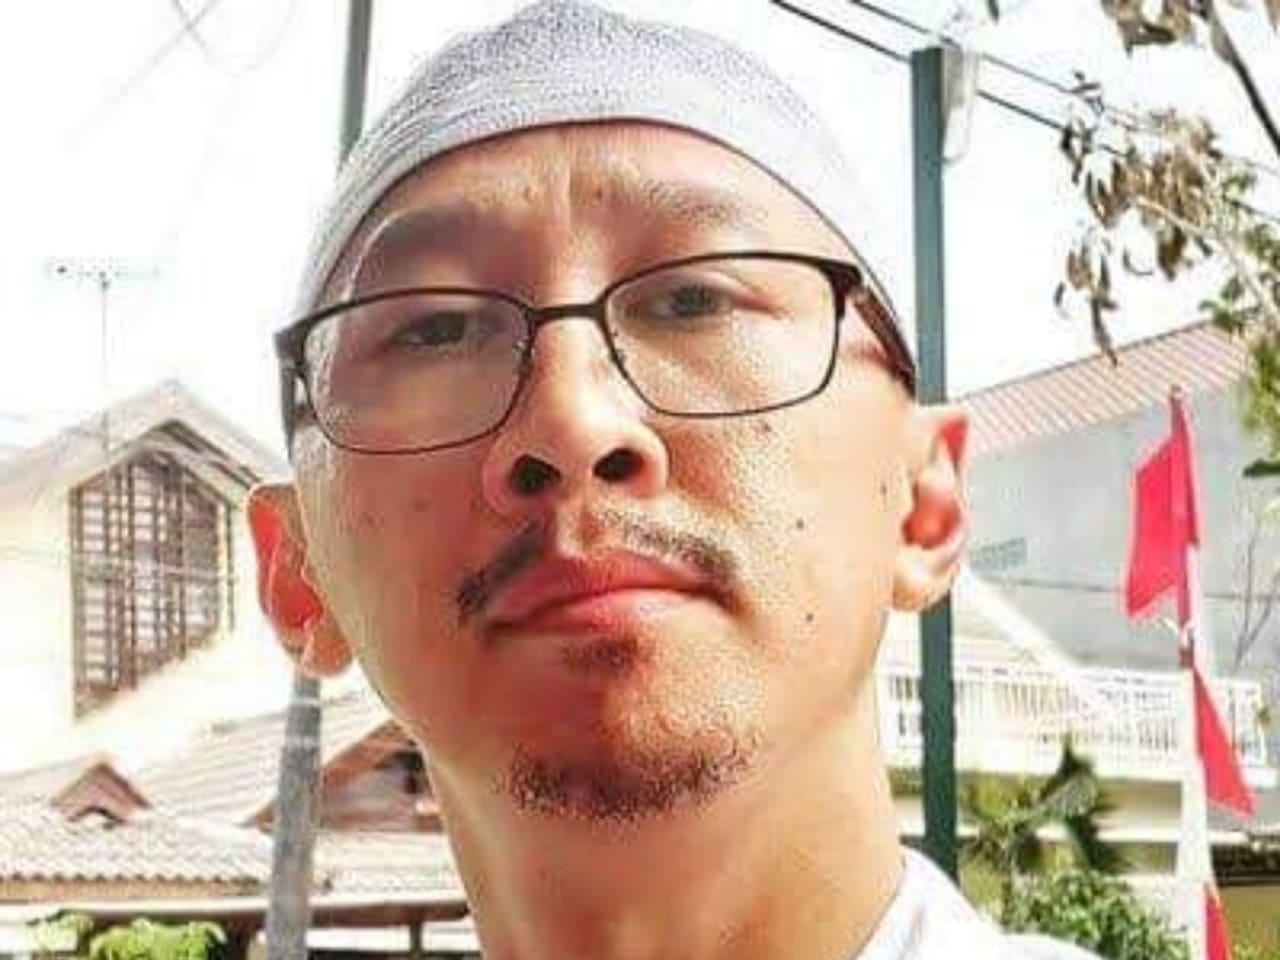 Susi Pudjiastuti Ajak Unfollow Abu Janda Yang Tuduh Islam Arogan